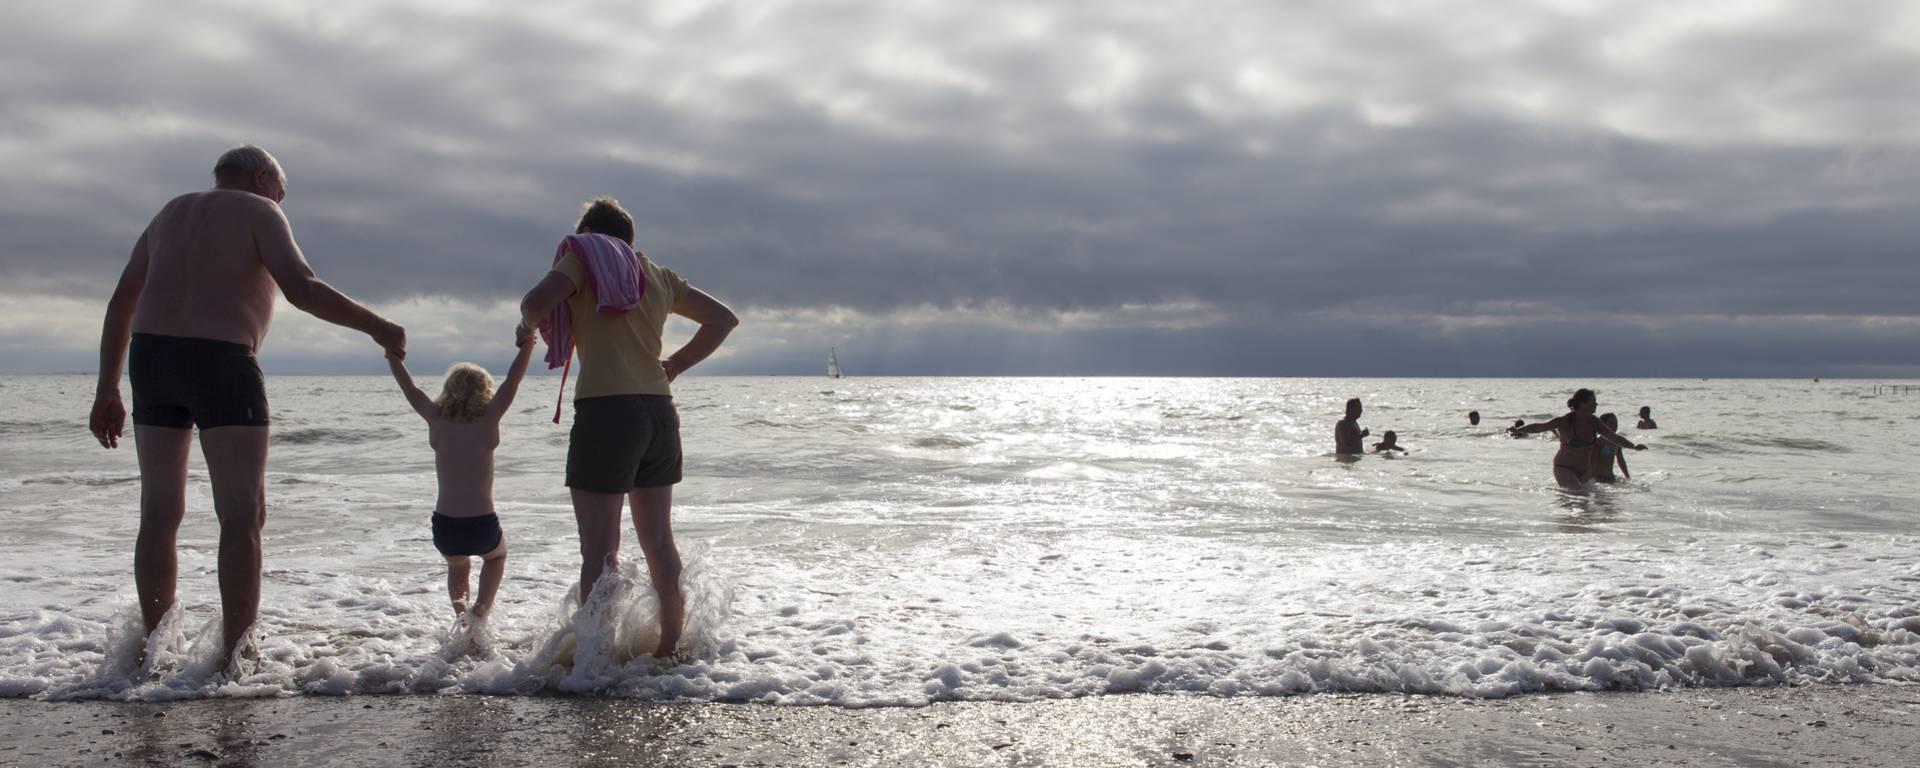 La plage et les plaisirs simples du temps en famille